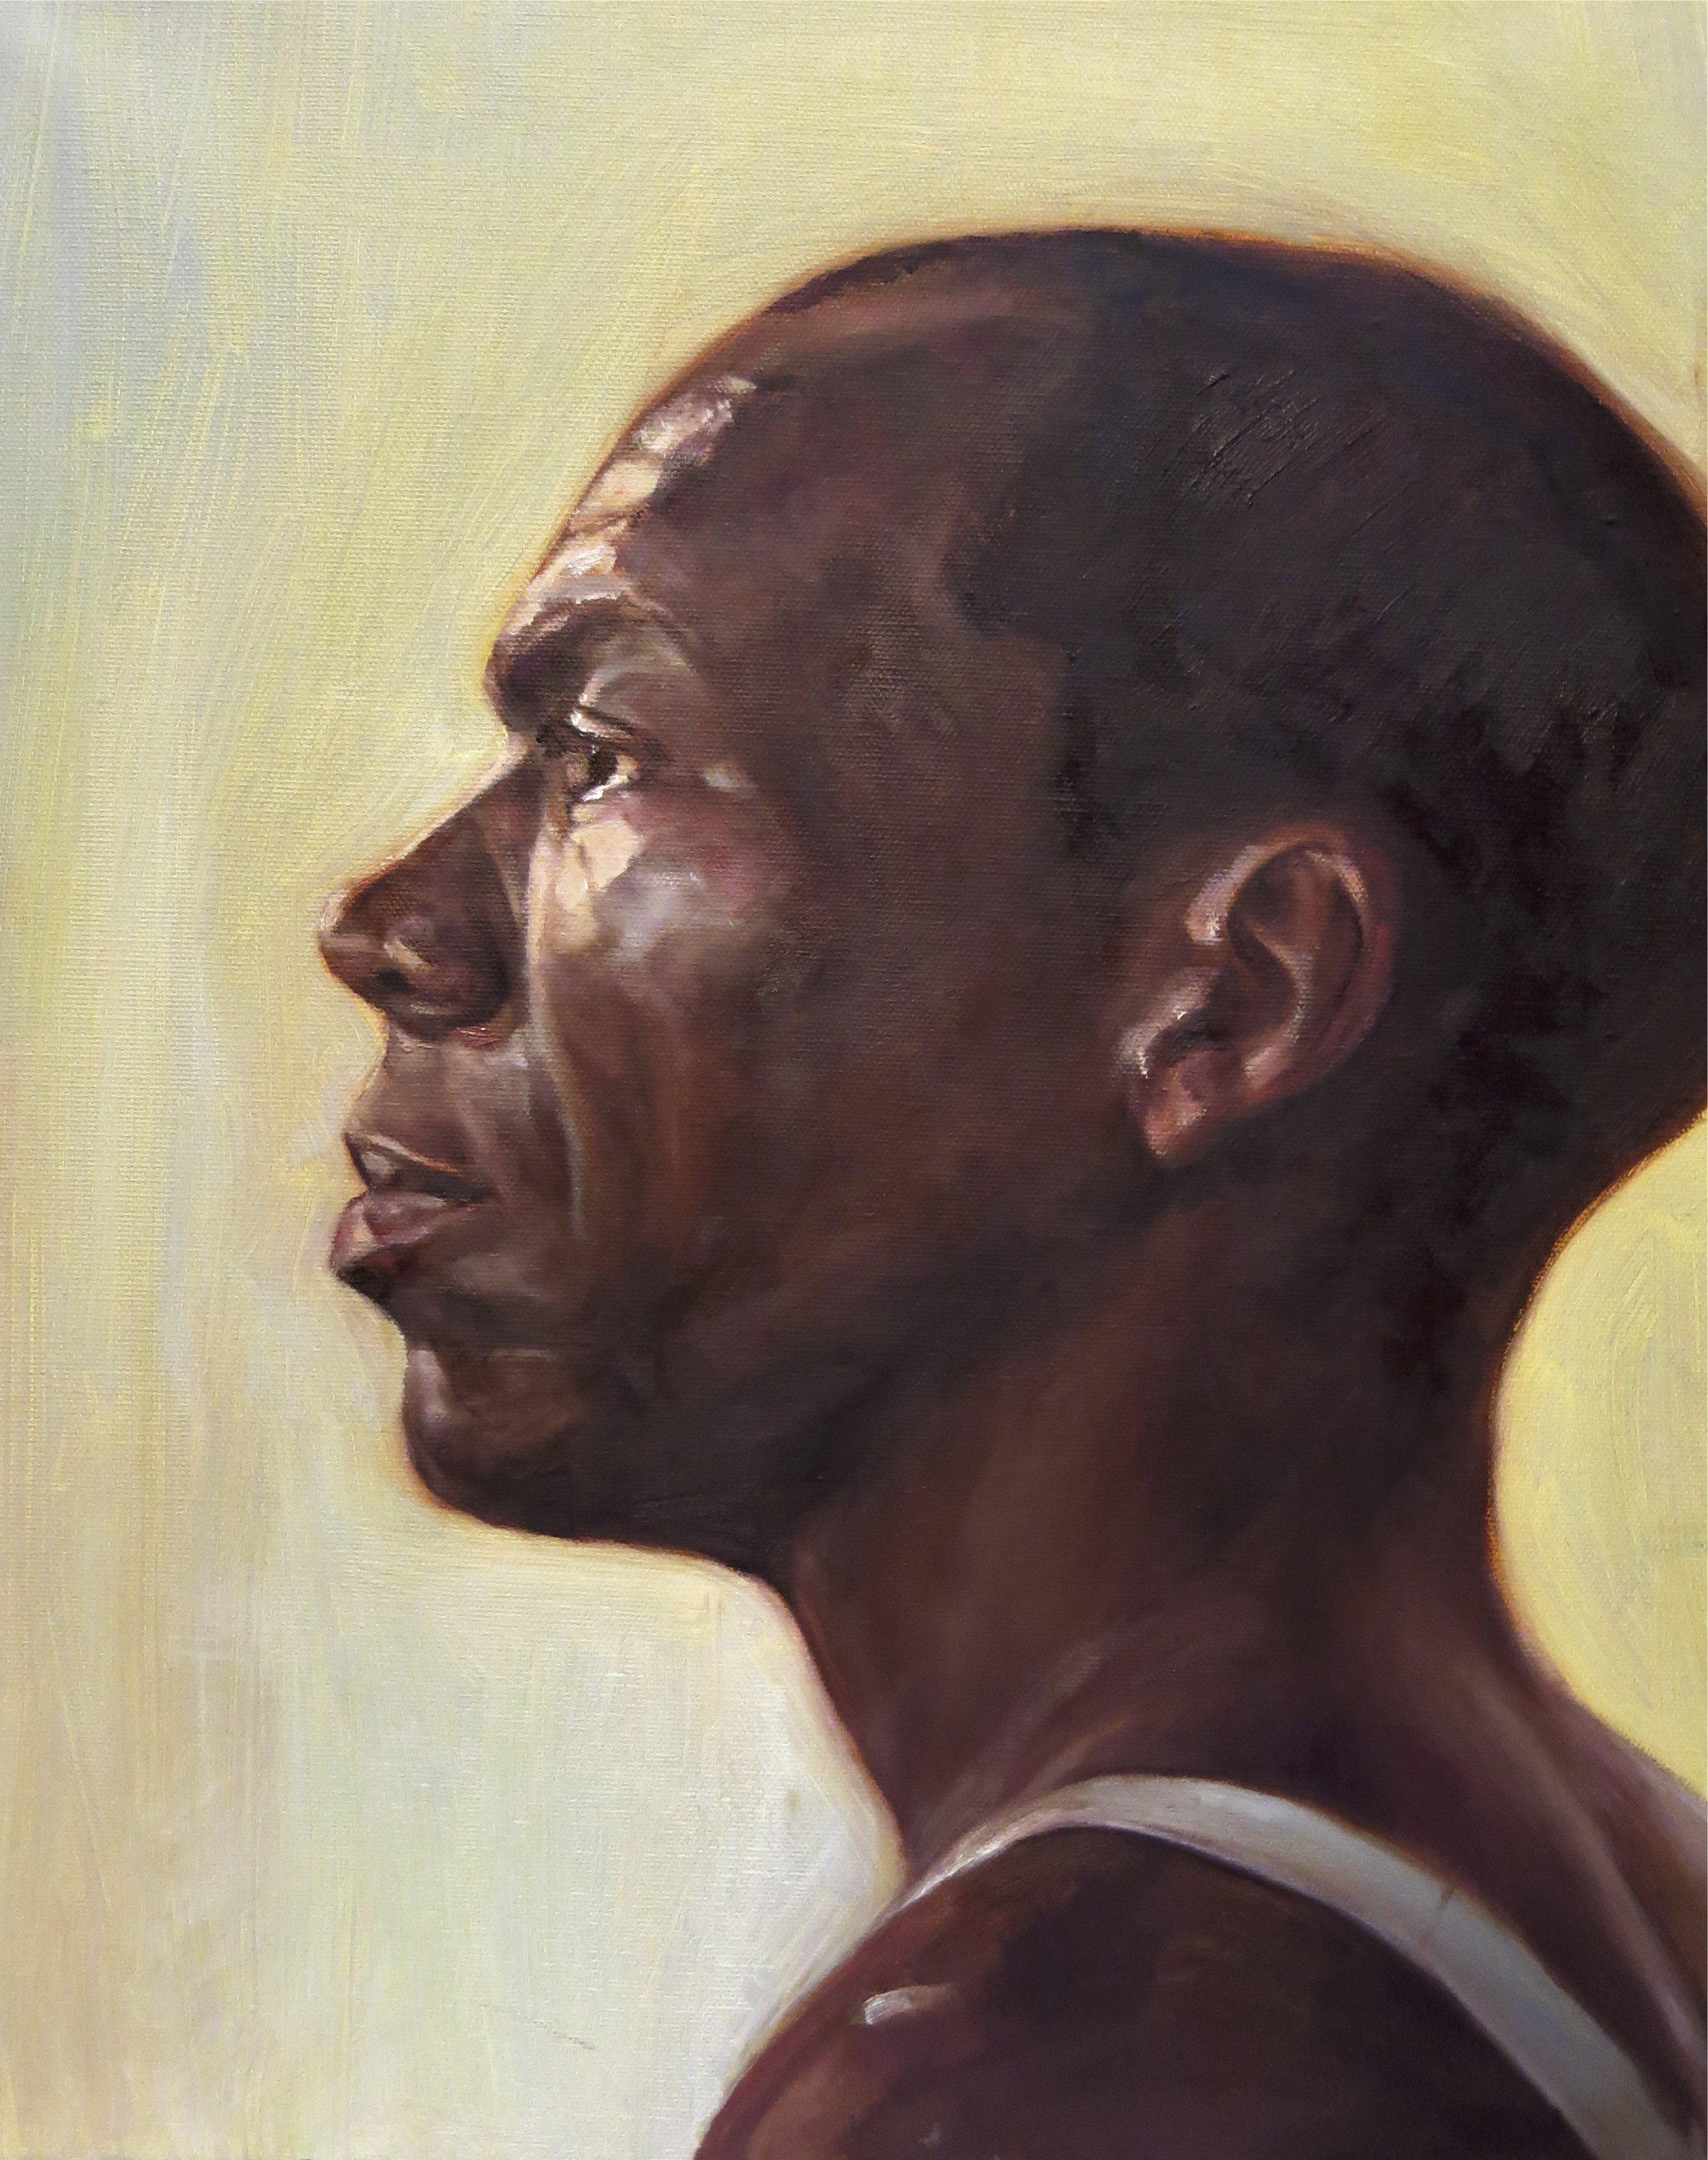 Blaine Portrait